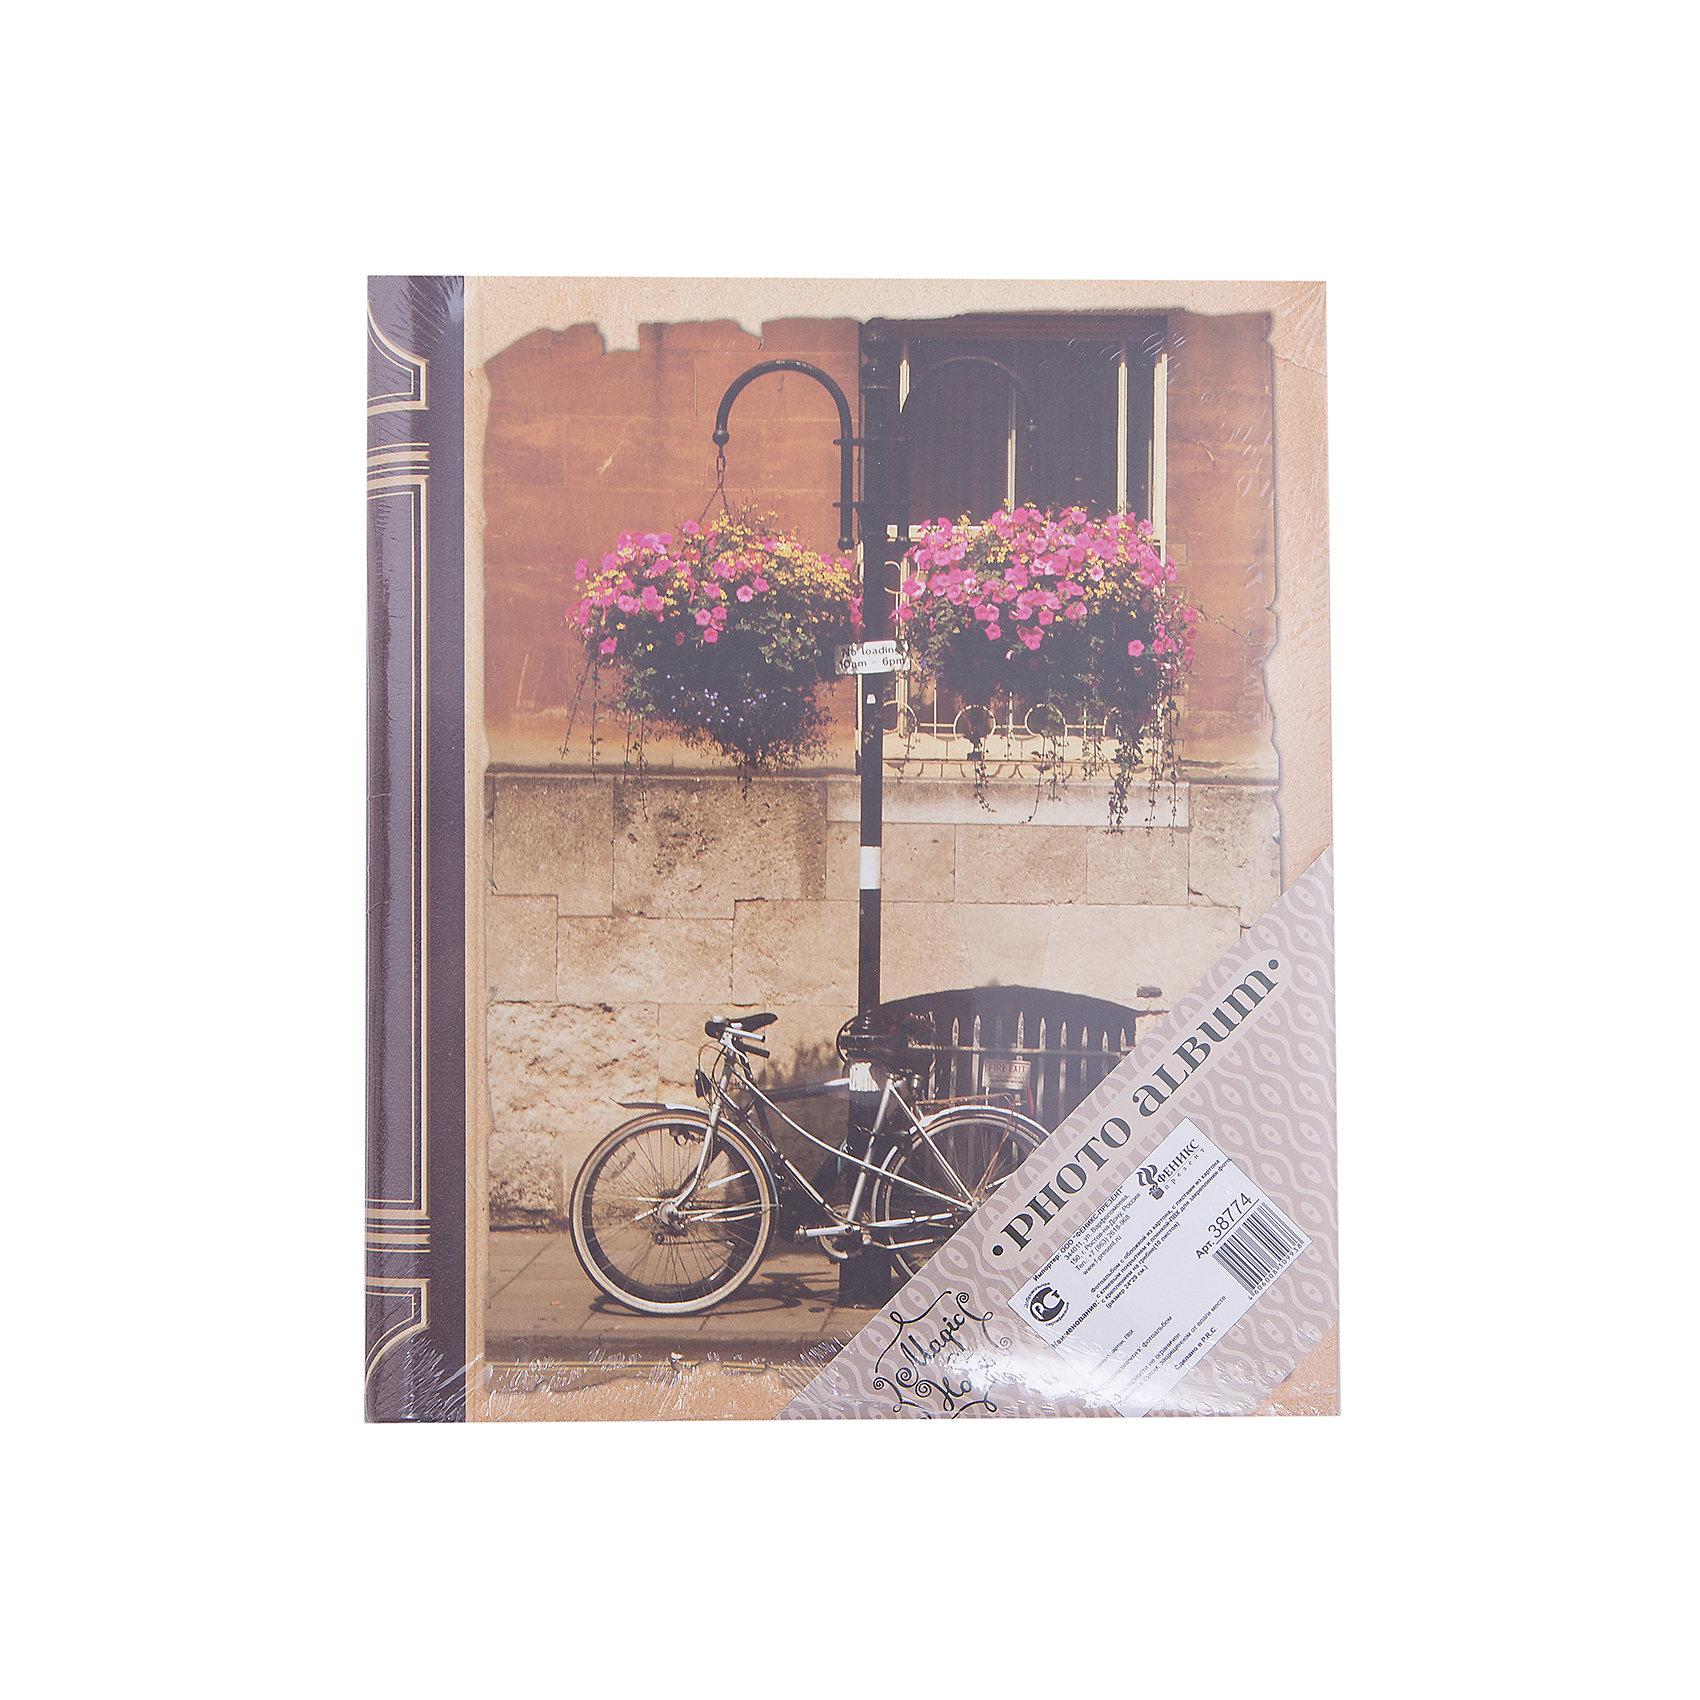 Фотоальбом Велосипед 10 листовПредметы интерьера<br>Стильный красивый фотоальбом надежно сохранит фотографии, напоминающие о самых необычных и интересных днях, наполненных сильными эмоциями и яркими впечатлениями. Альбом станет прекрасным подарком на любой праздник. <br><br>Дополнительная информация:<br><br>- Материал: картон, ПВХ.<br>- Размер: 24х29 см.<br>- Переплёт: книжный.<br>- 10 листов.<br>- Листы с клеевым покрытием и пленкой ПВХ.<br>- Крепление: закрытая спираль.<br><br>Фотоальбом Велосипед 10 листов, можно купить в нашем магазине.<br><br>Ширина мм: 240<br>Глубина мм: 290<br>Высота мм: 20<br>Вес г: 800<br>Возраст от месяцев: 36<br>Возраст до месяцев: 2147483647<br>Пол: Унисекс<br>Возраст: Детский<br>SKU: 4560533